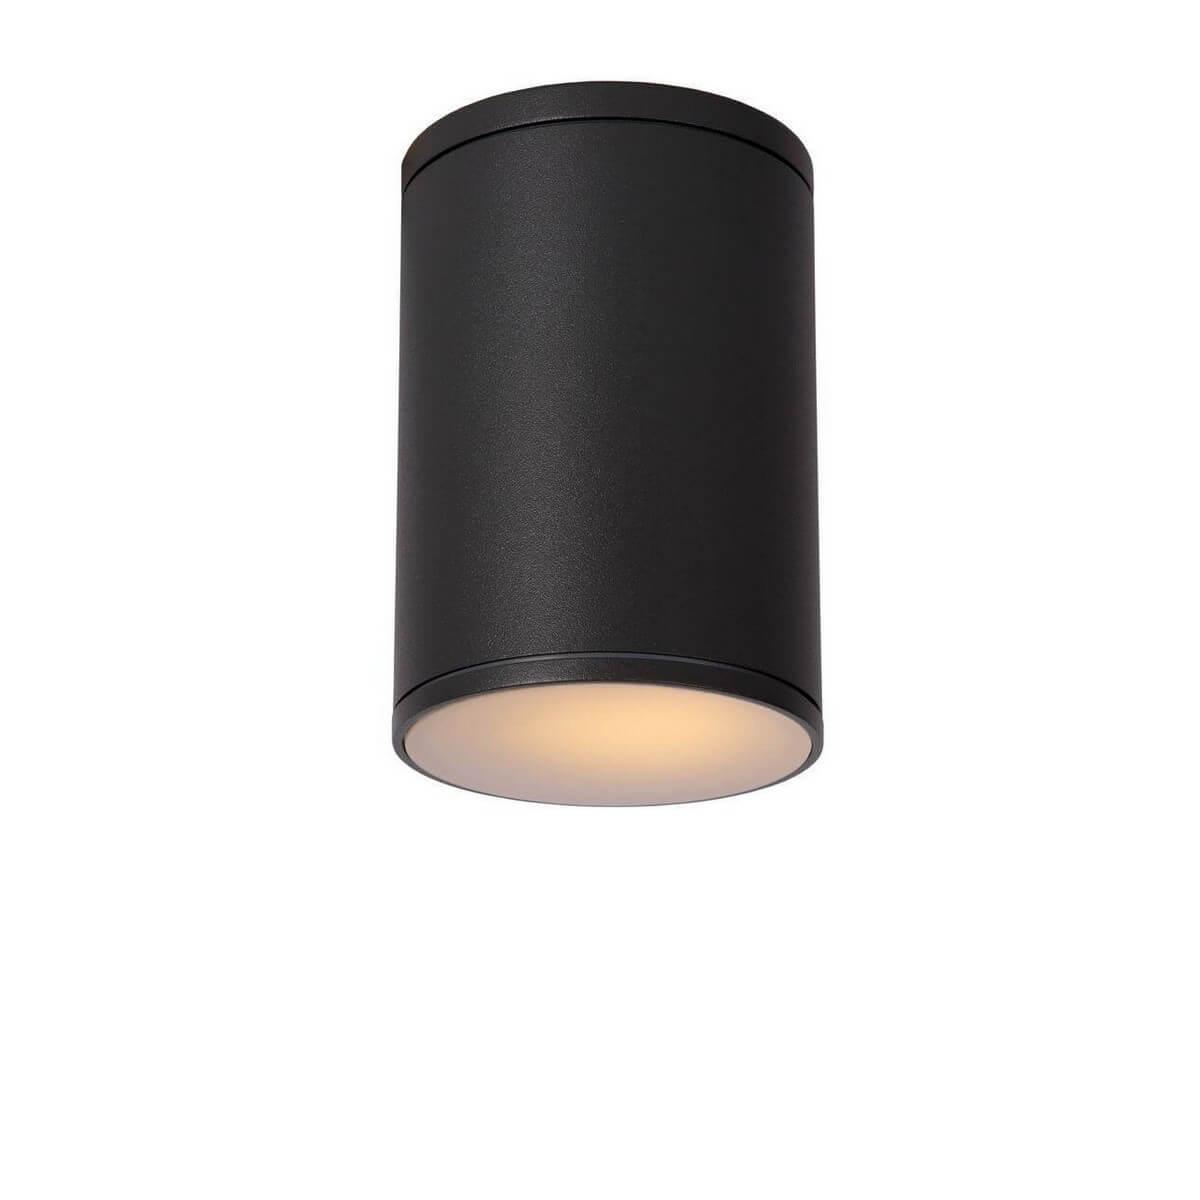 Уличный светильник Lucide 27870/01/30, E27